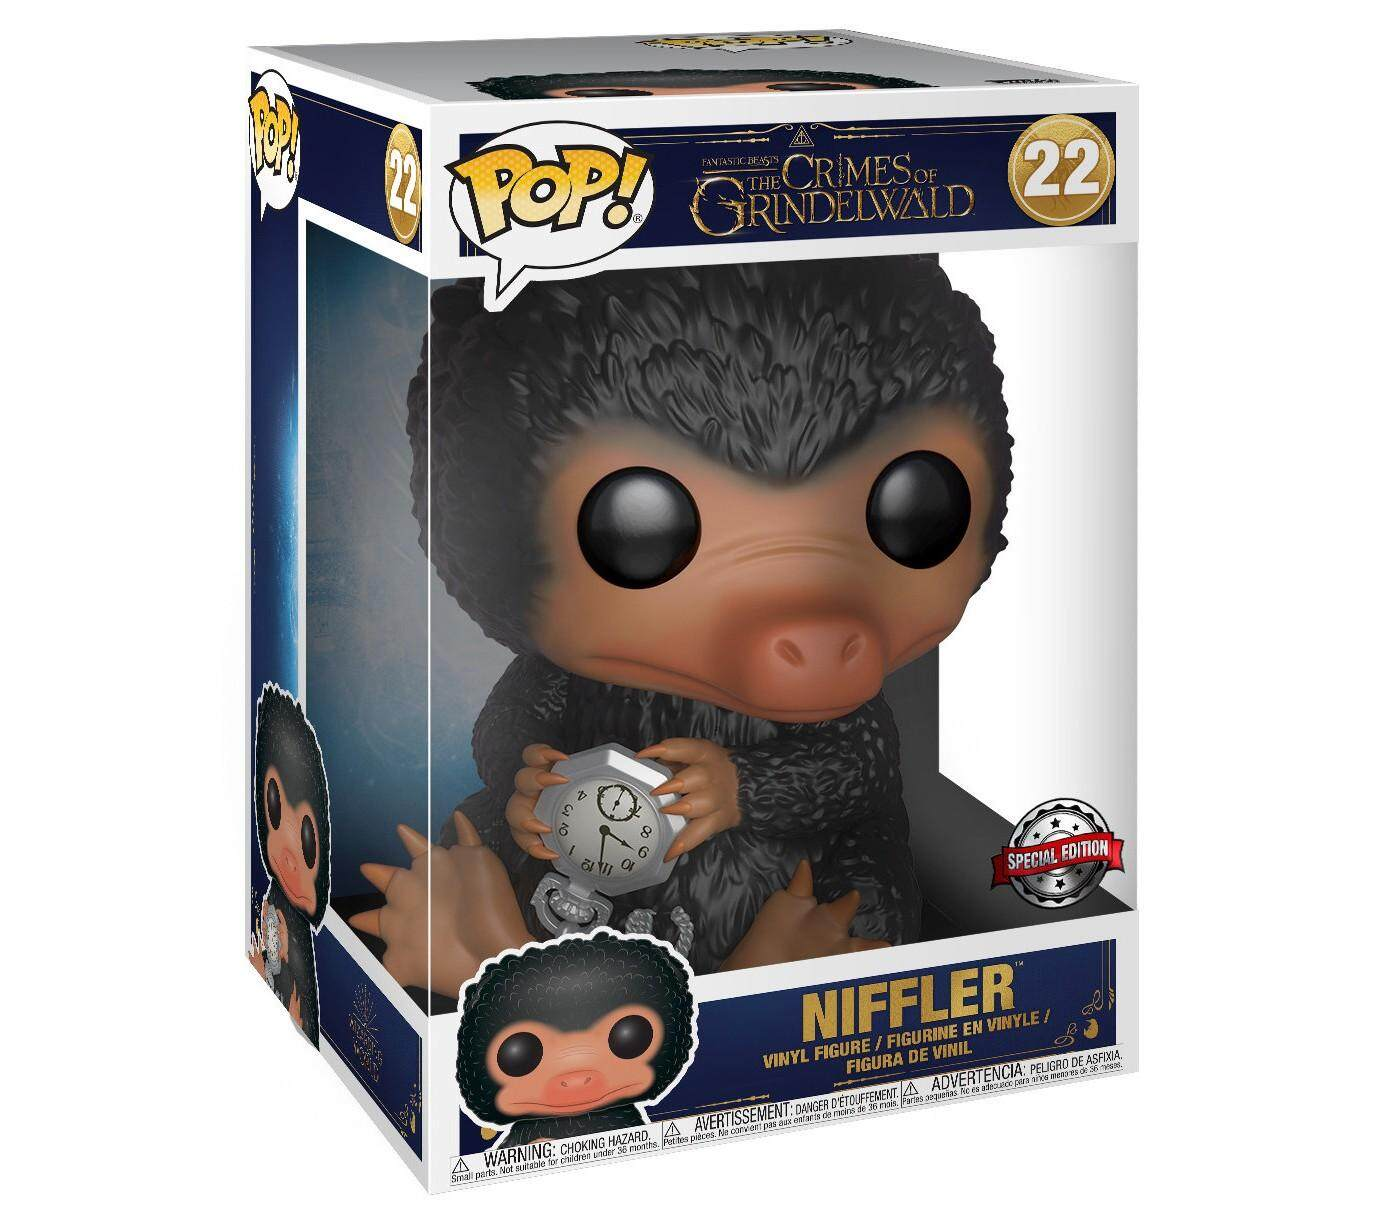 Funko Fantastic Beasts 2 - 10 Inch Niffler Pop! Vinyl Figure Target Exclusive